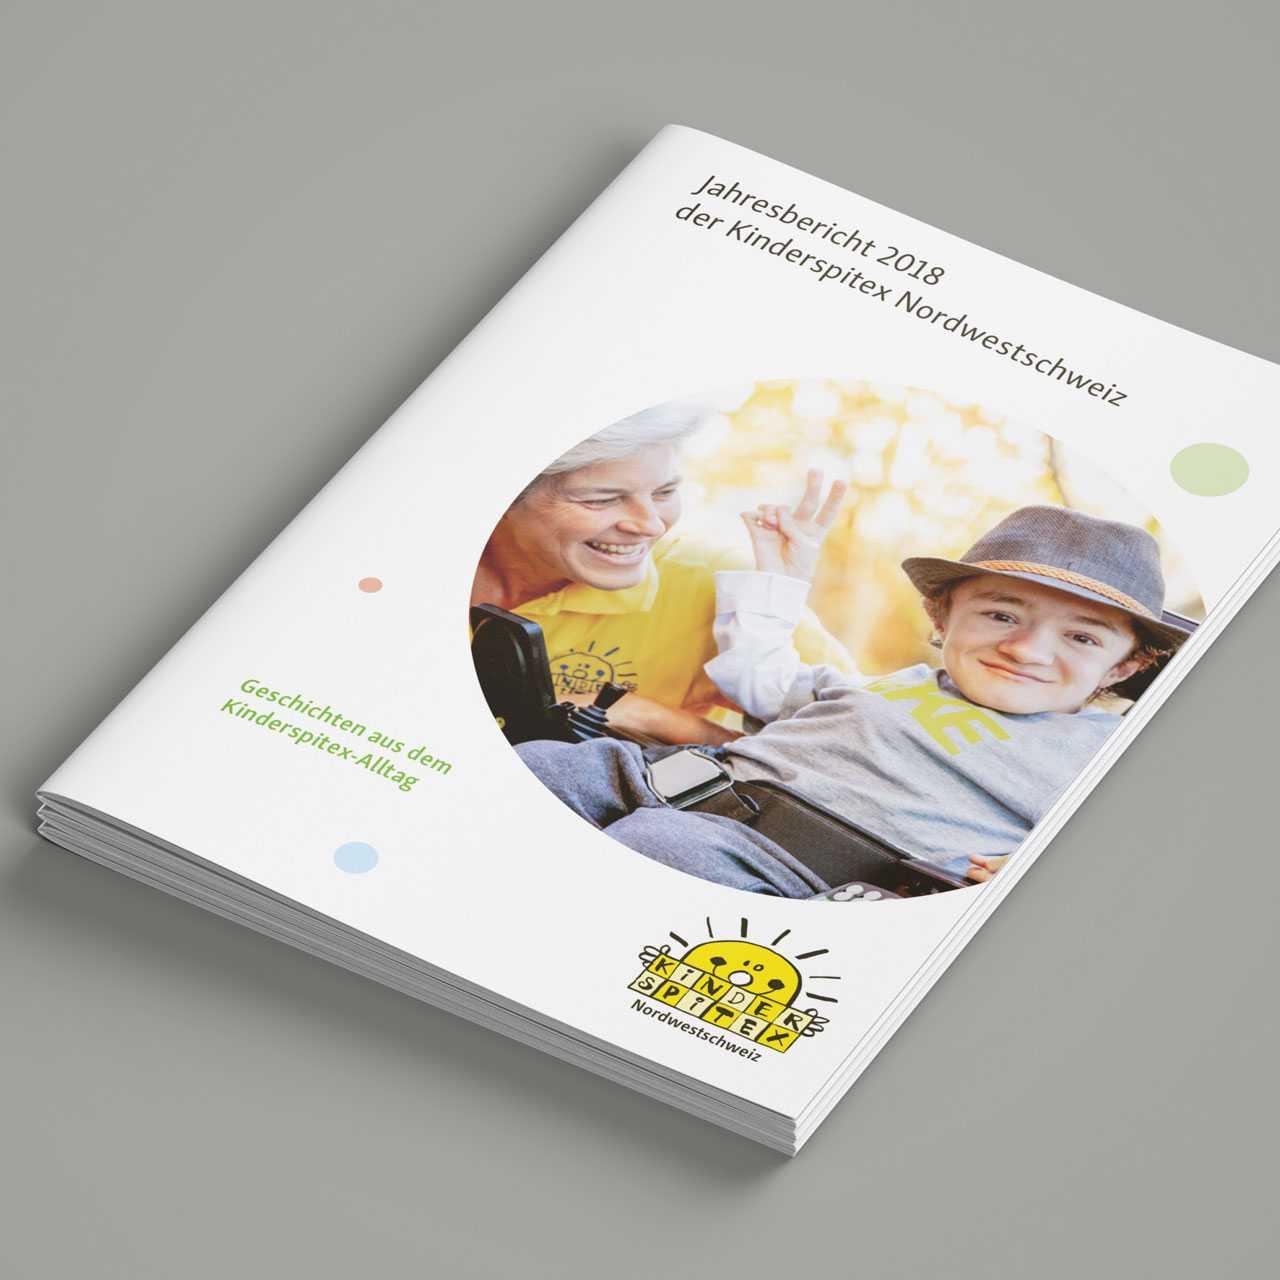 Kinderspitex Nordwestschweiz, Geschäftsbericht 2018